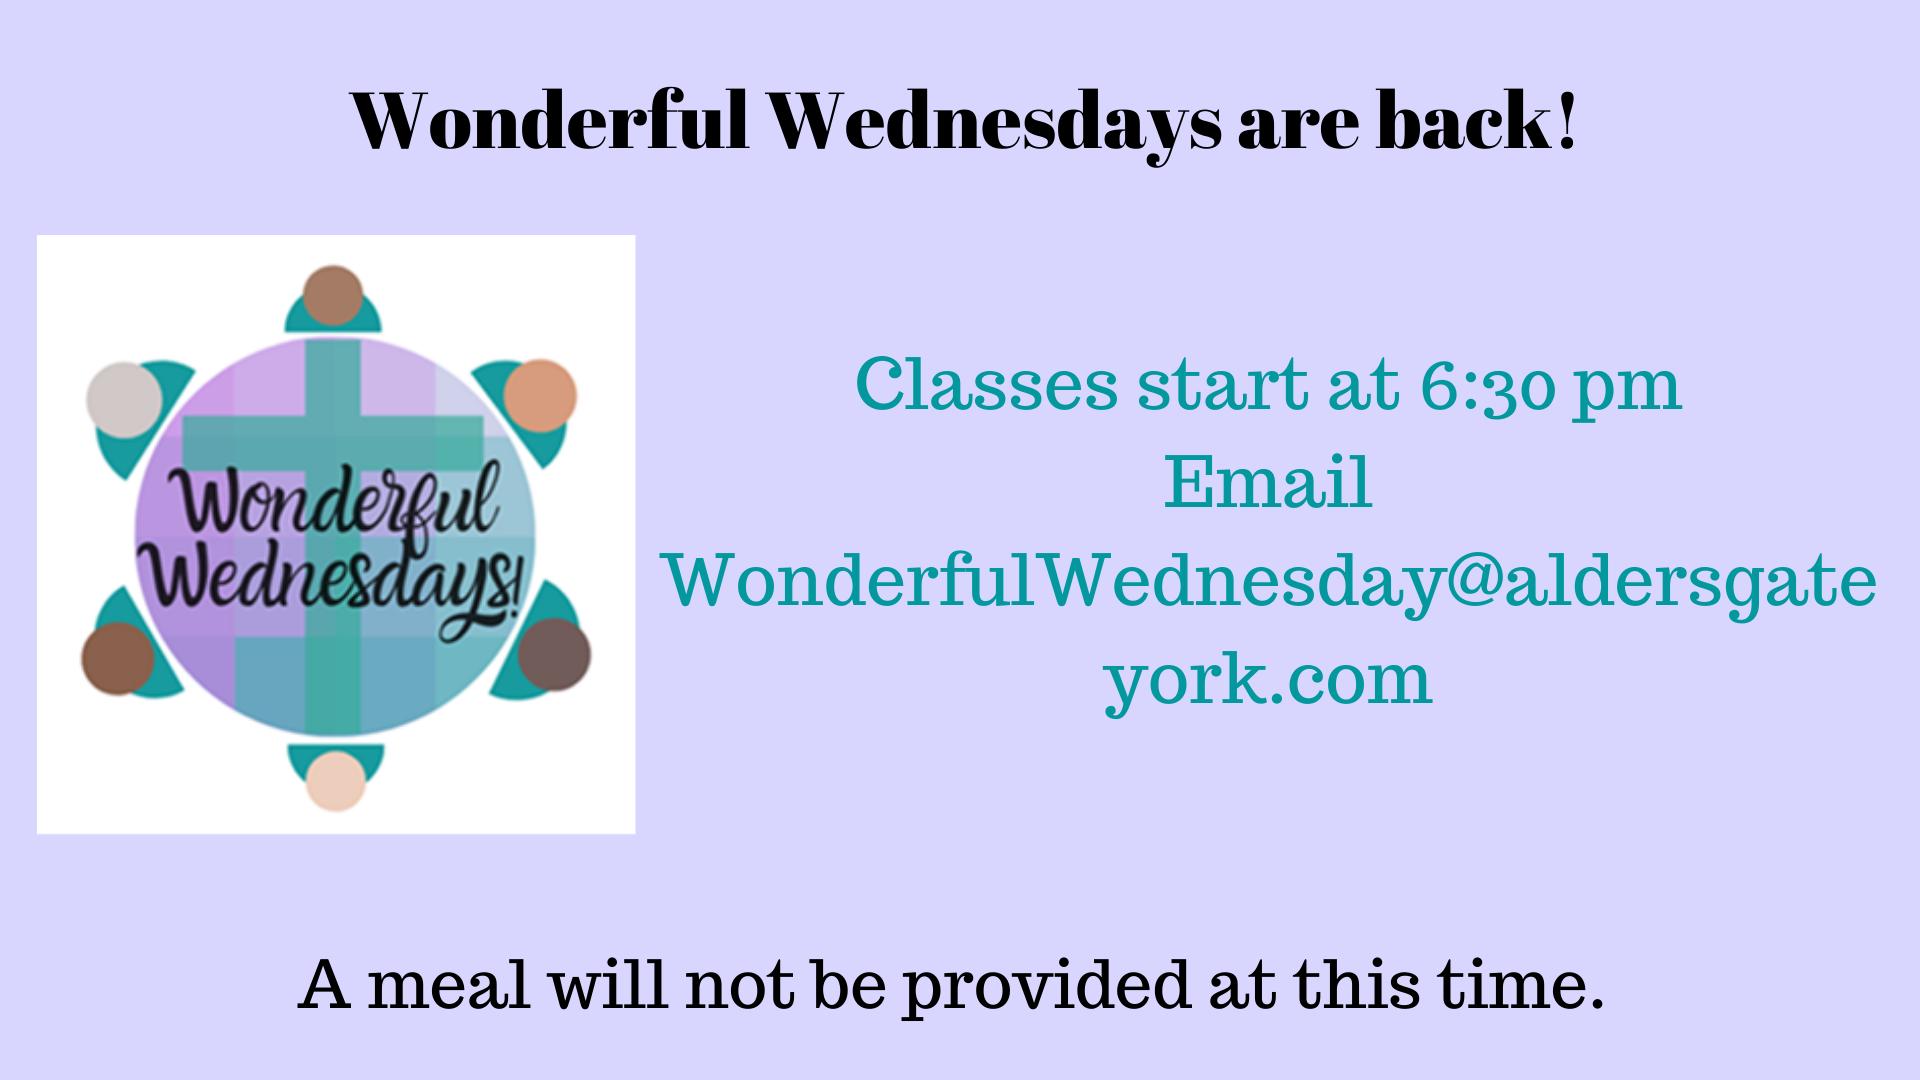 Wonderful Wednesdays are back!